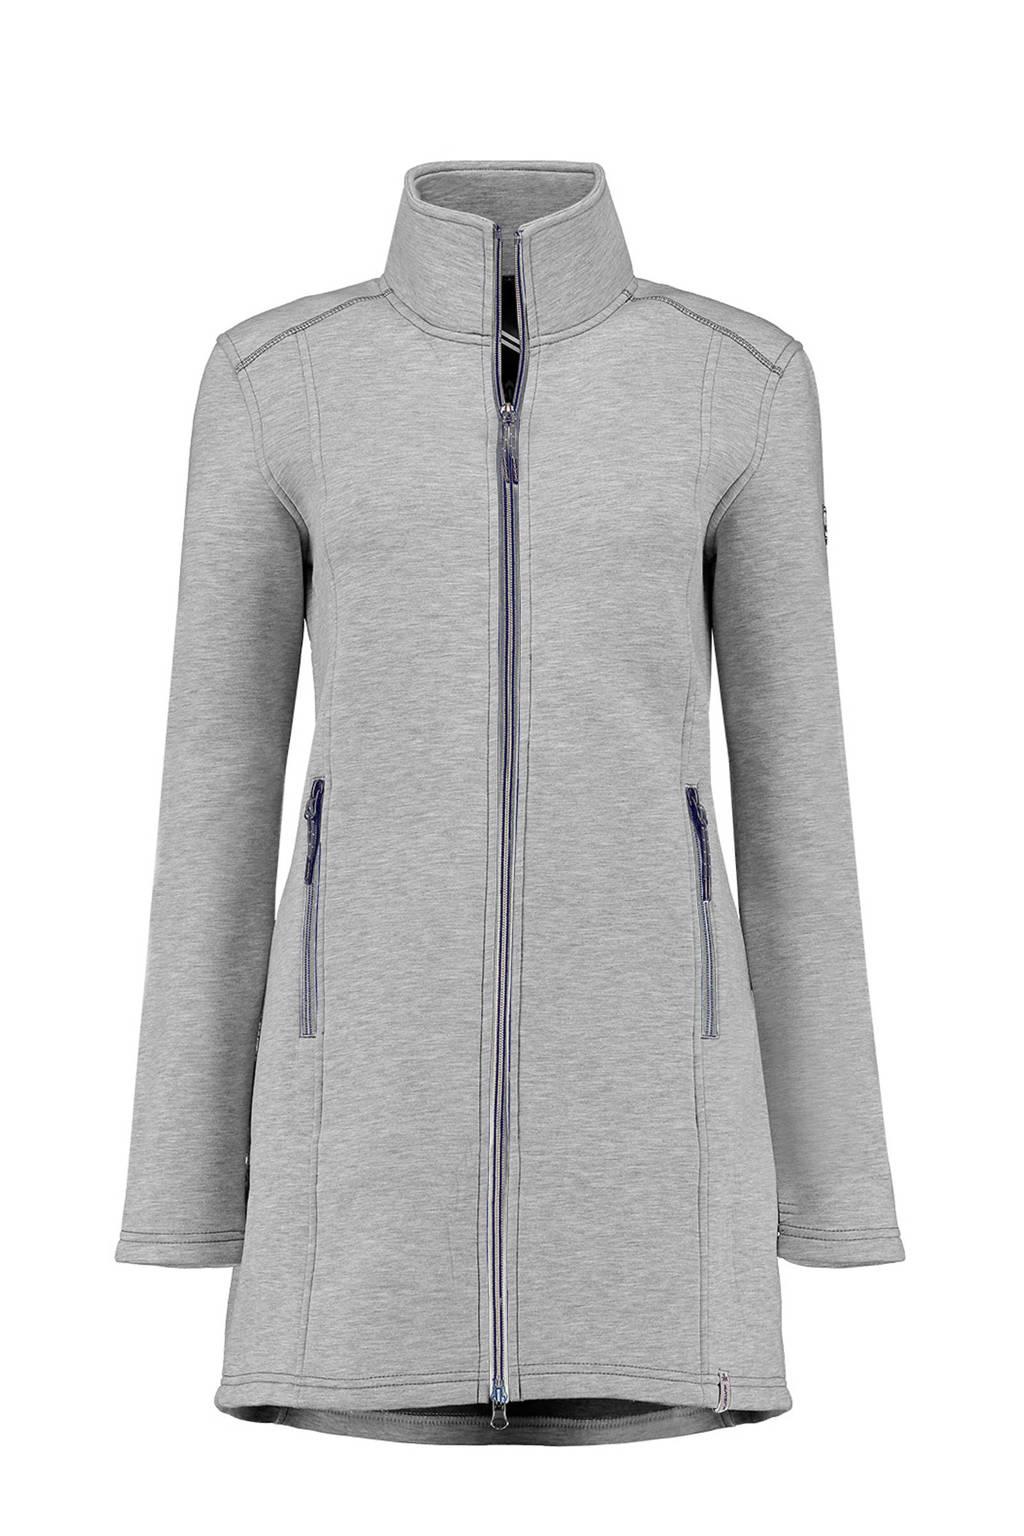 Kjelvik lange fleece vest Wyara grijs, Grey